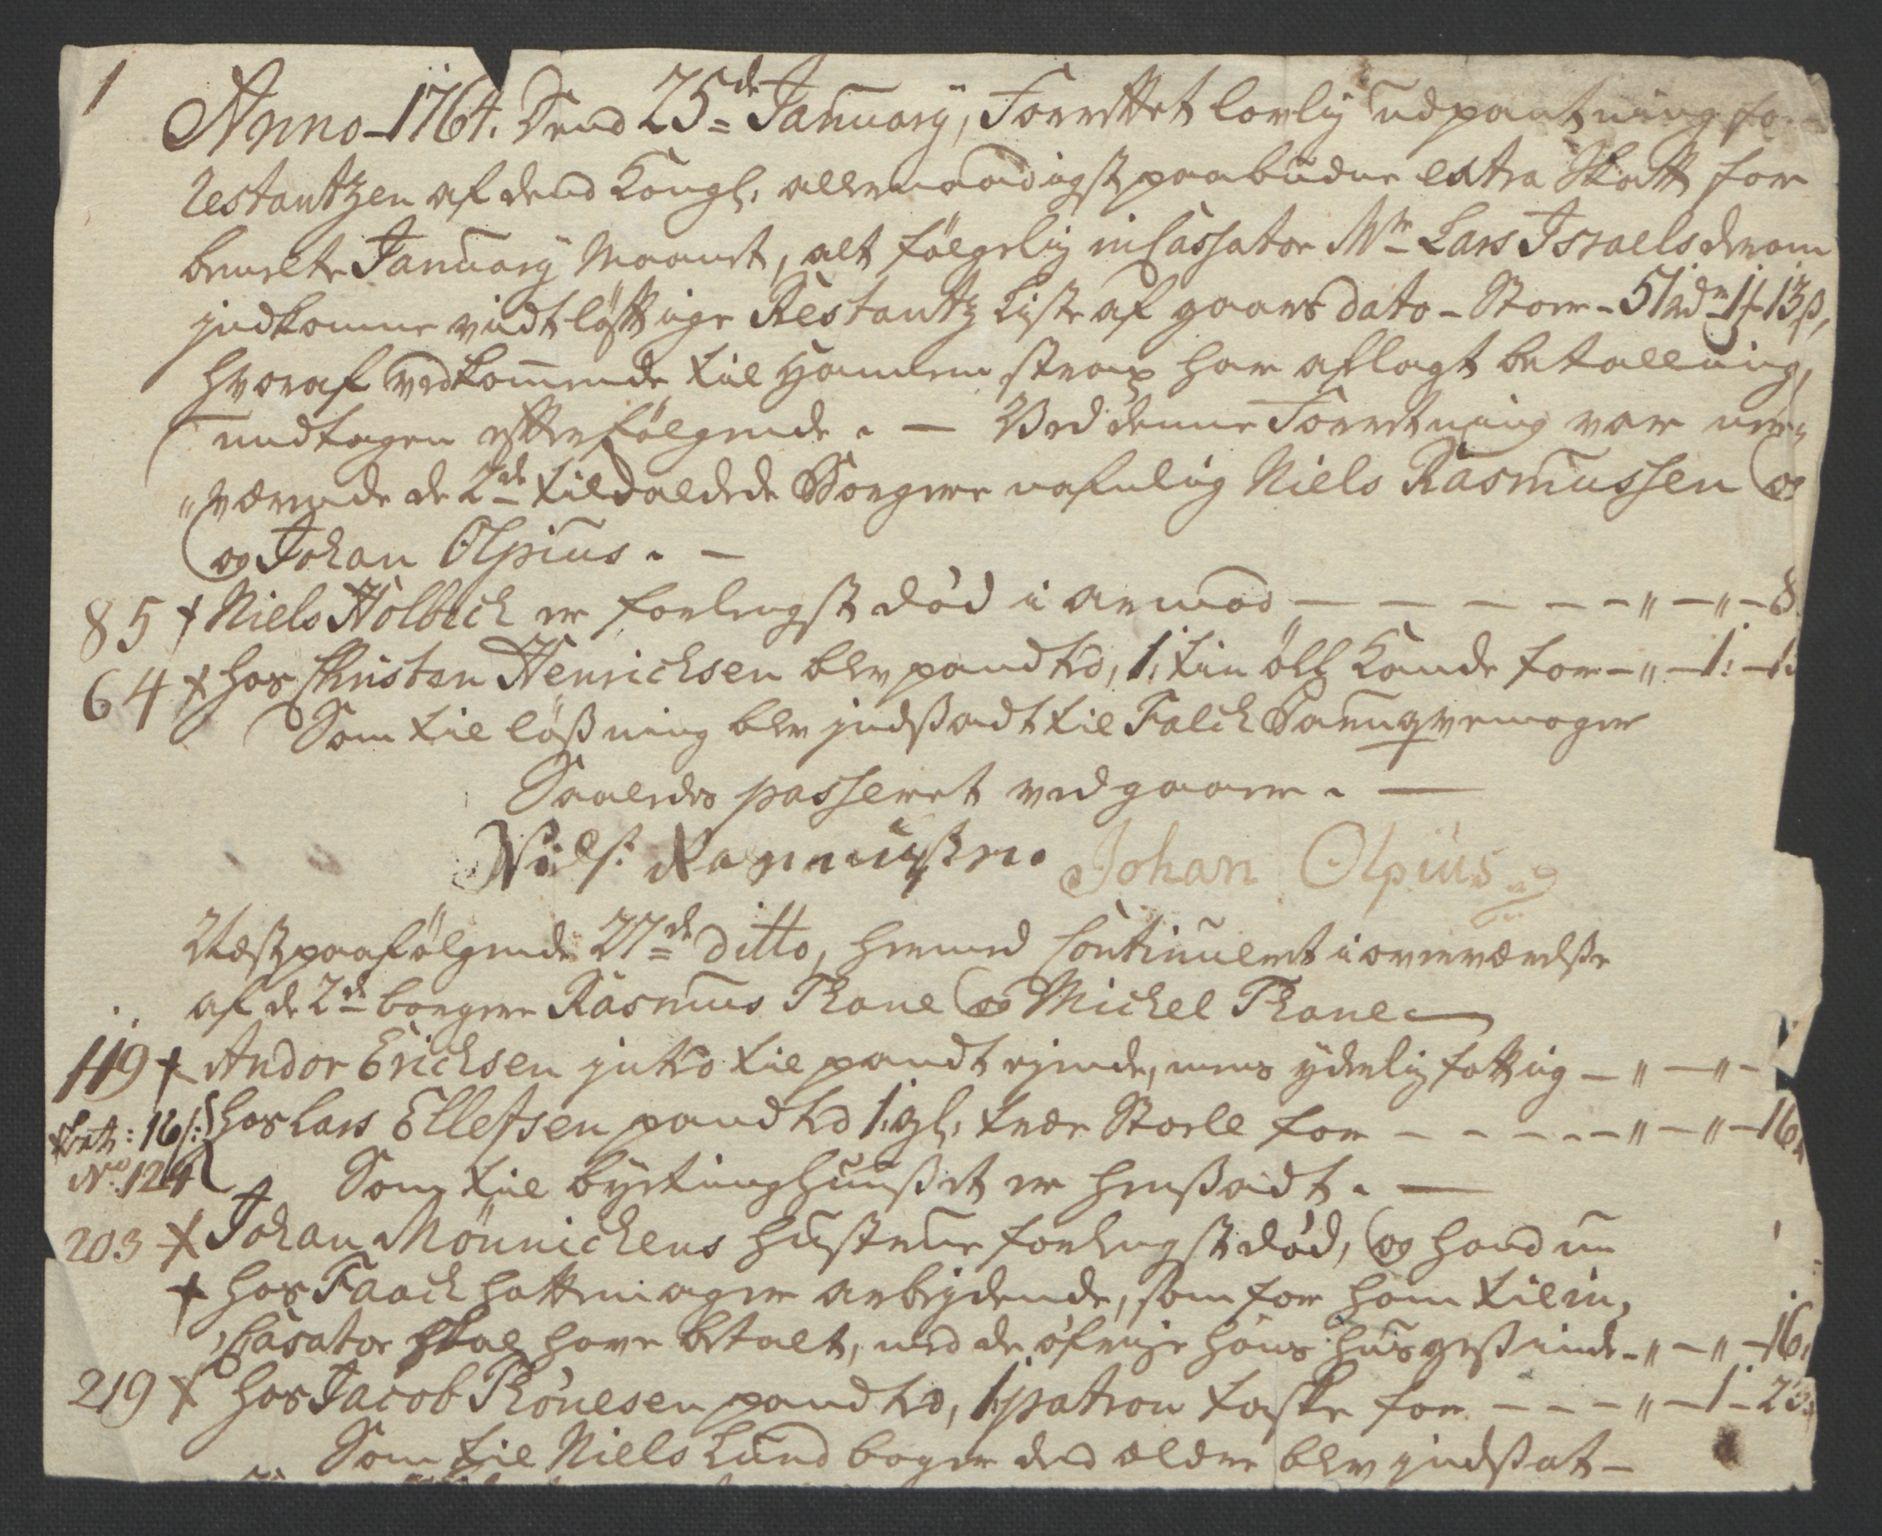 RA, Rentekammeret inntil 1814, Reviderte regnskaper, Byregnskaper, R/Rf/L0119: [F2] Kontribusjonsregnskap, 1762-1767, s. 239